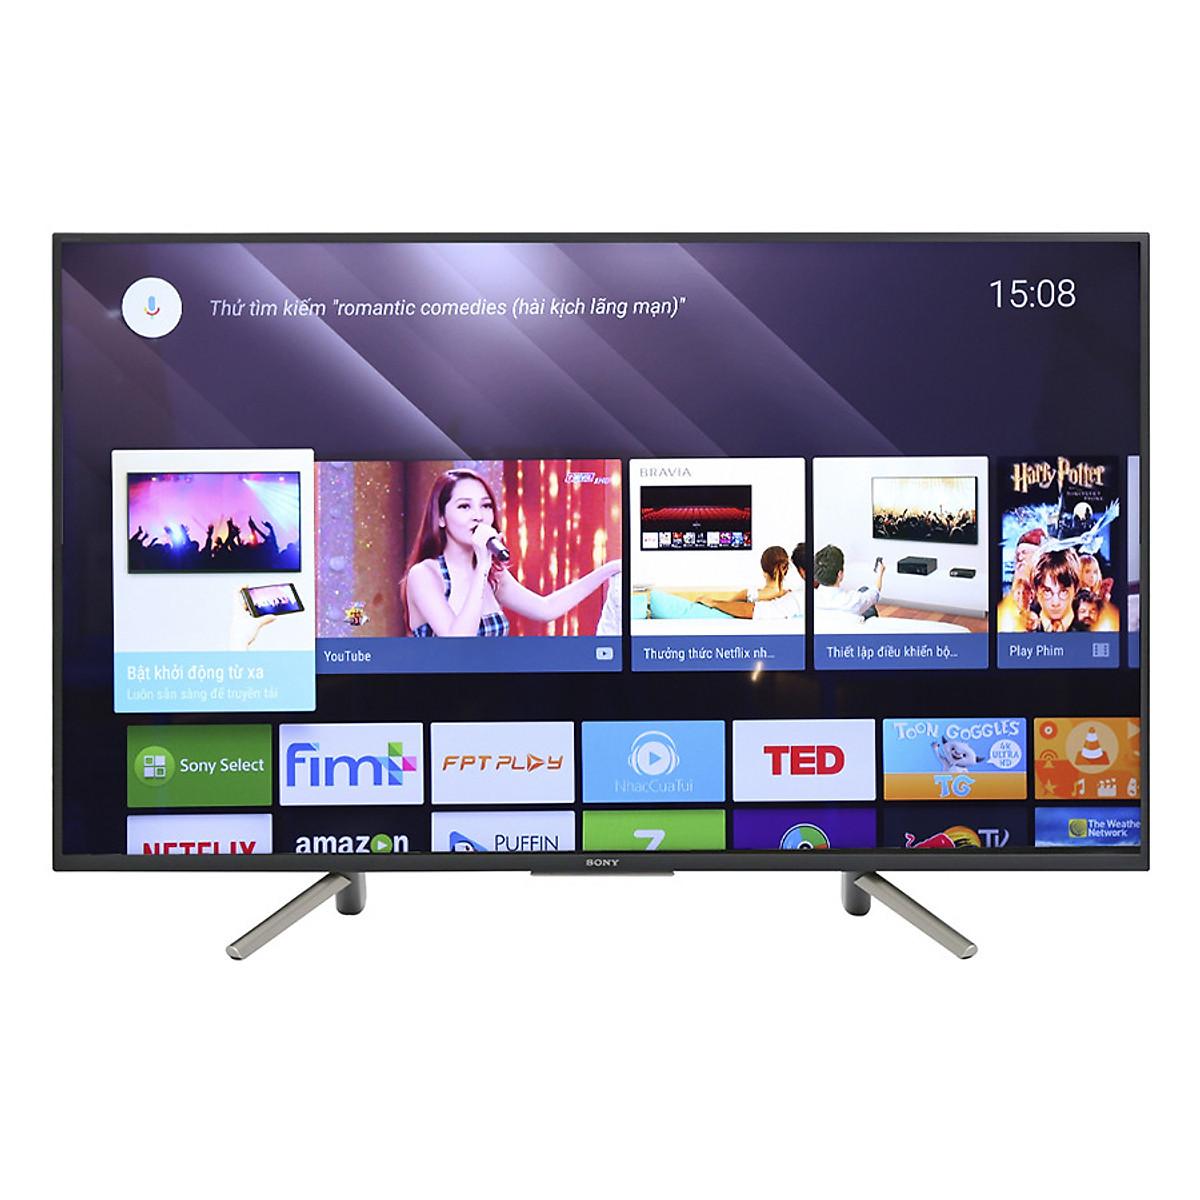 Tivi Sony Giá HOT - Các Model để bạn tham khảo - 9